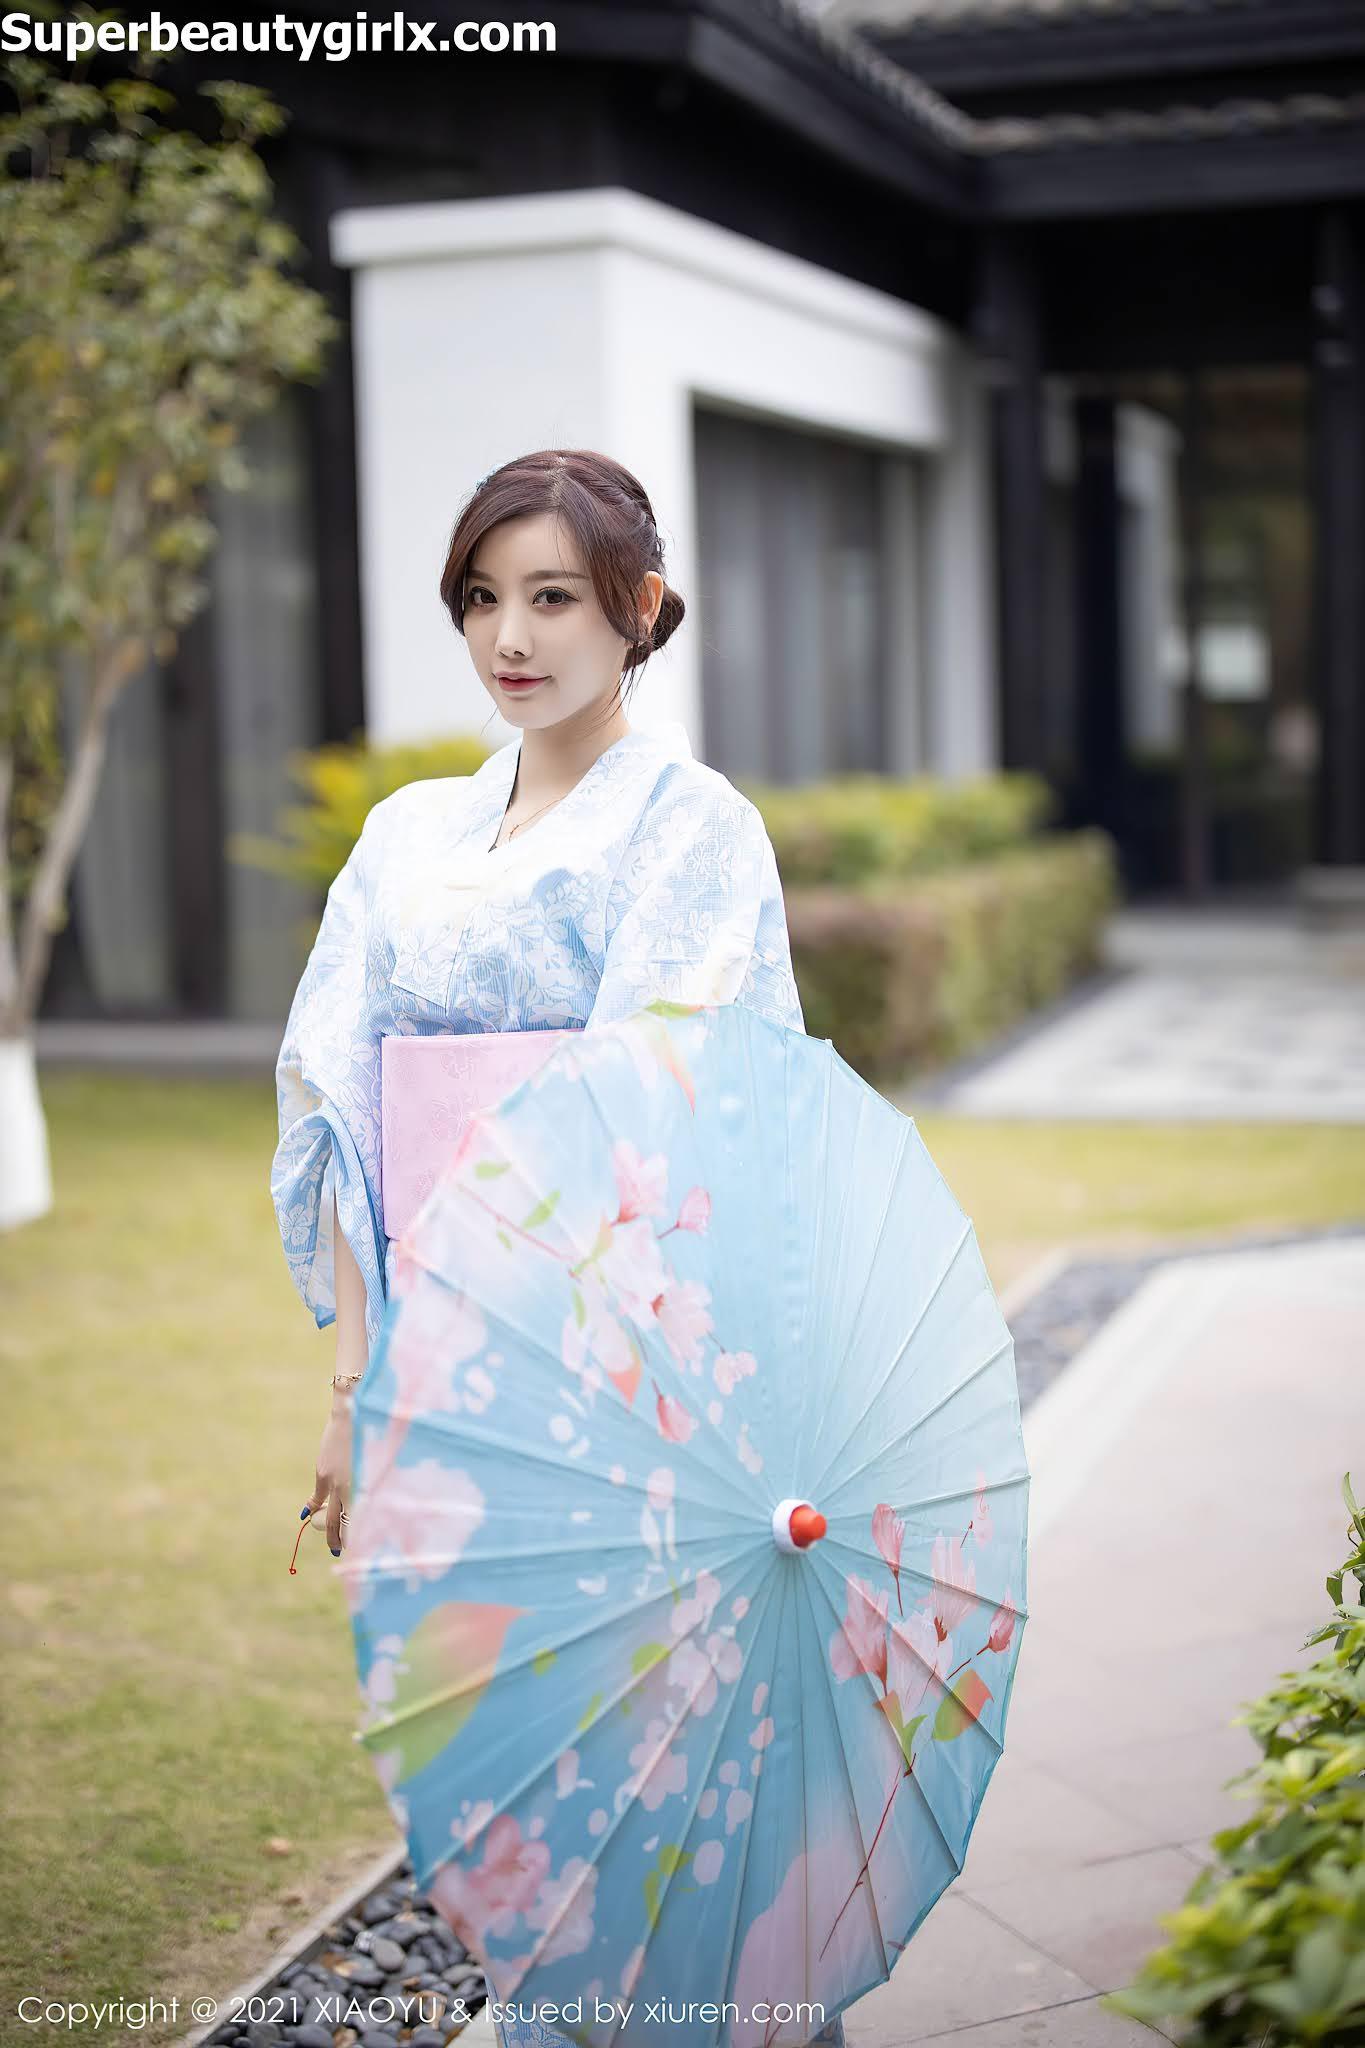 XiaoYu-Vol.482-Yang-Chen-Chen-sugar-Superbeautygirlx.com